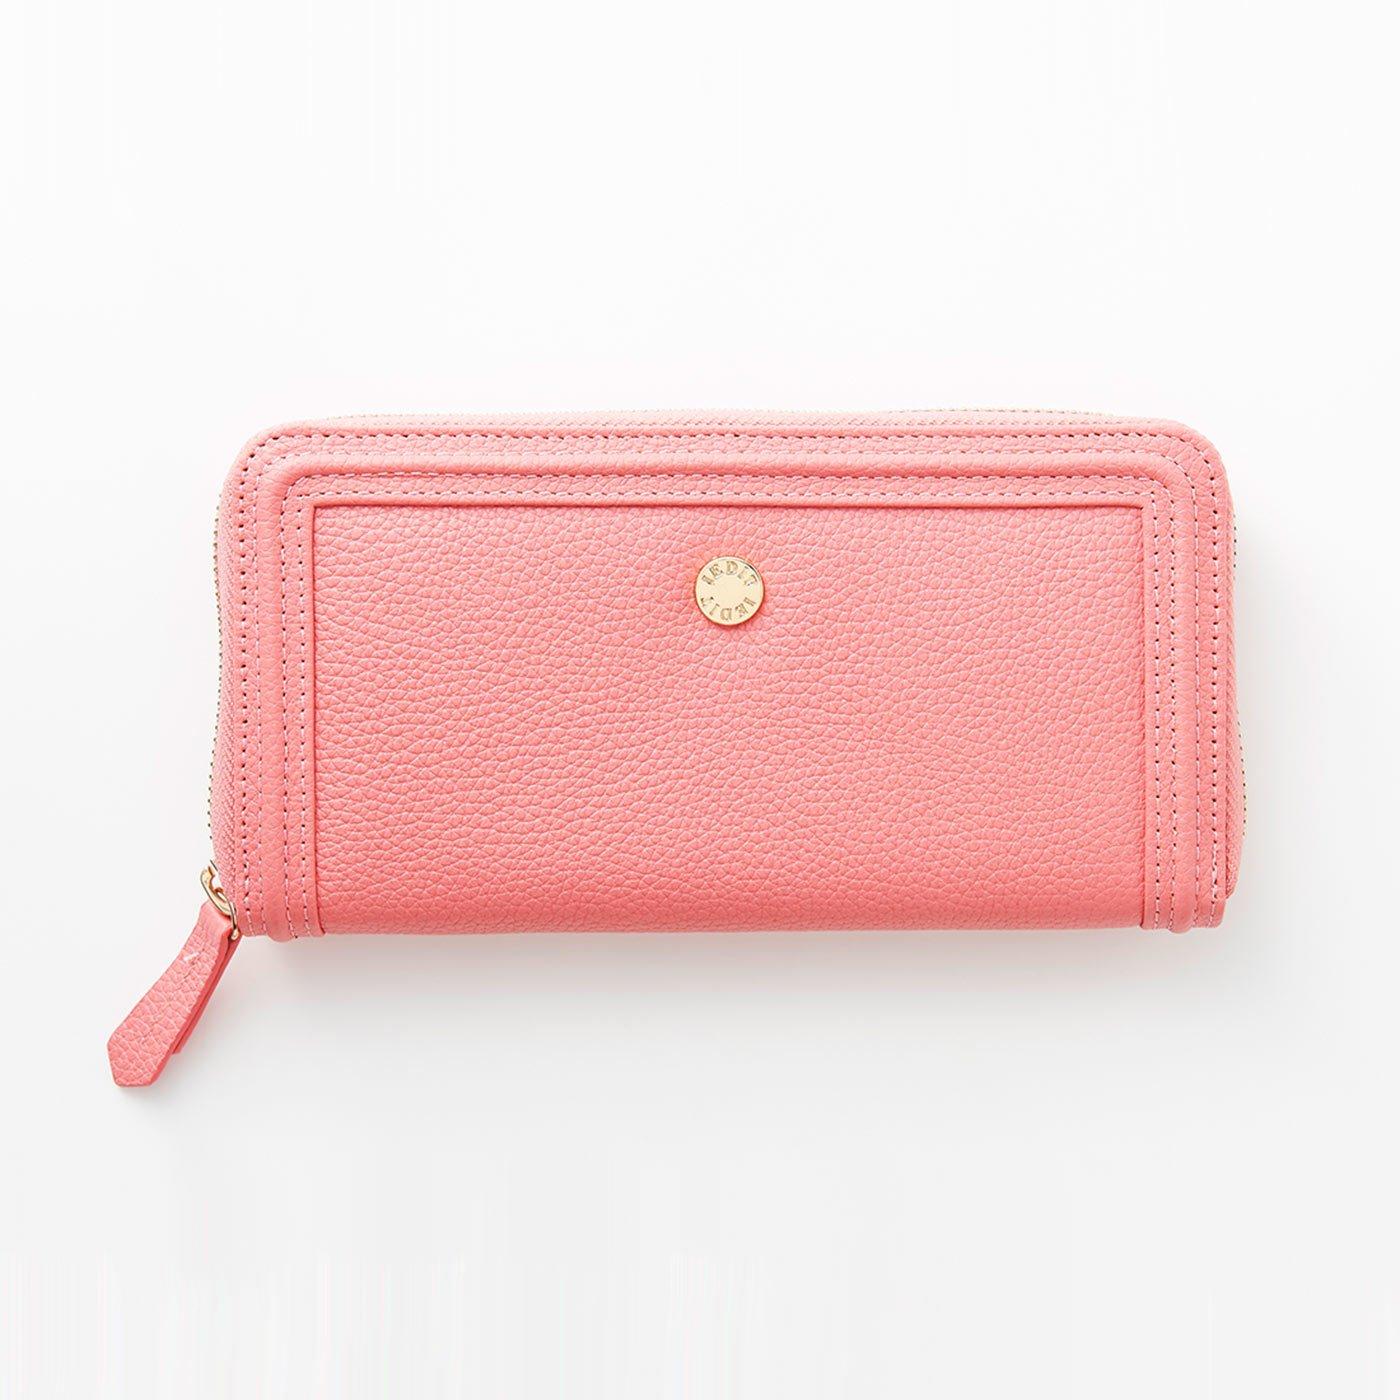 IEDITワガママ企画 使いやすさをとことん追求 エレガントに映えるローズピンクの本革長財布〈ピンク〉